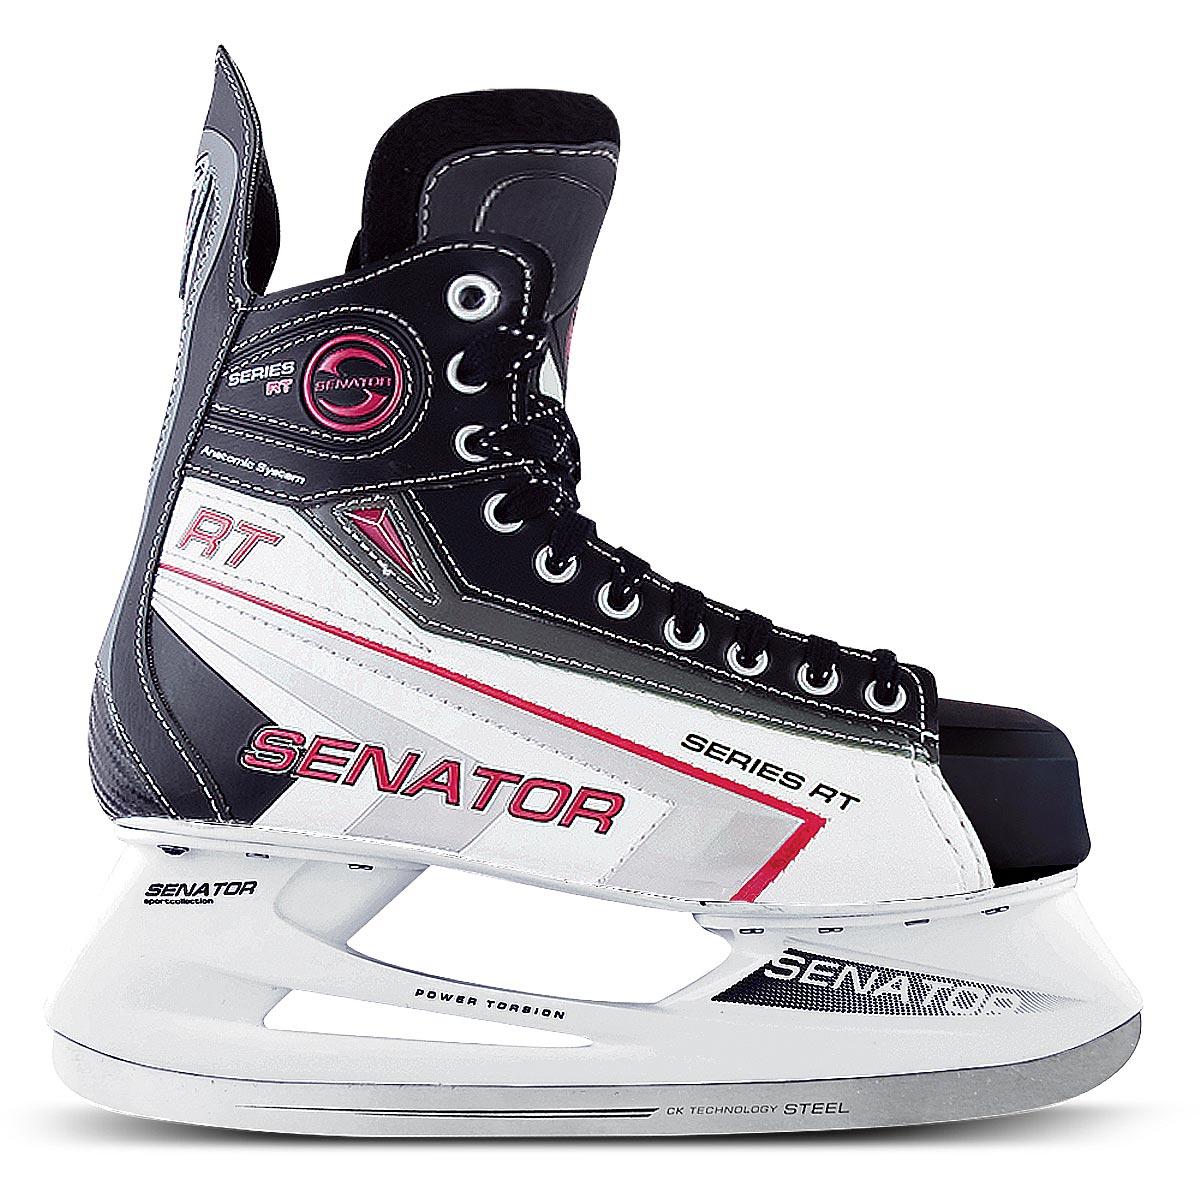 CK Коньки хоккейные мужские СК Senator RT, цвет: черный, белый. Размер 42